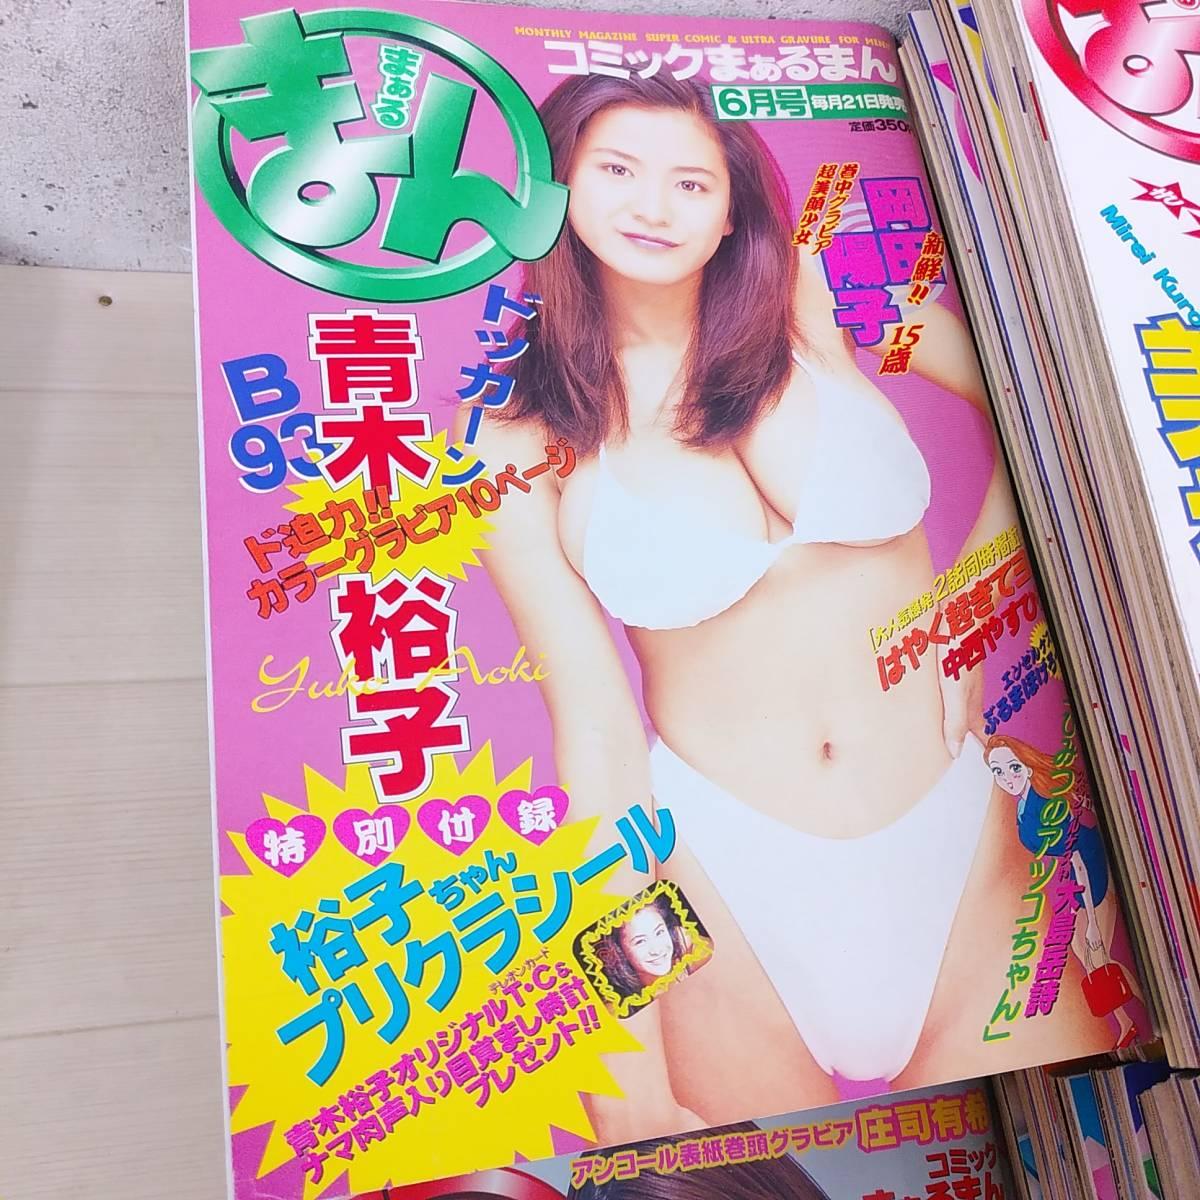 【希少品!】まぁるまん■ぶんか社■デビュー号~■1998年~2002年■合計58冊■雑誌 アイドル 漫画_画像6